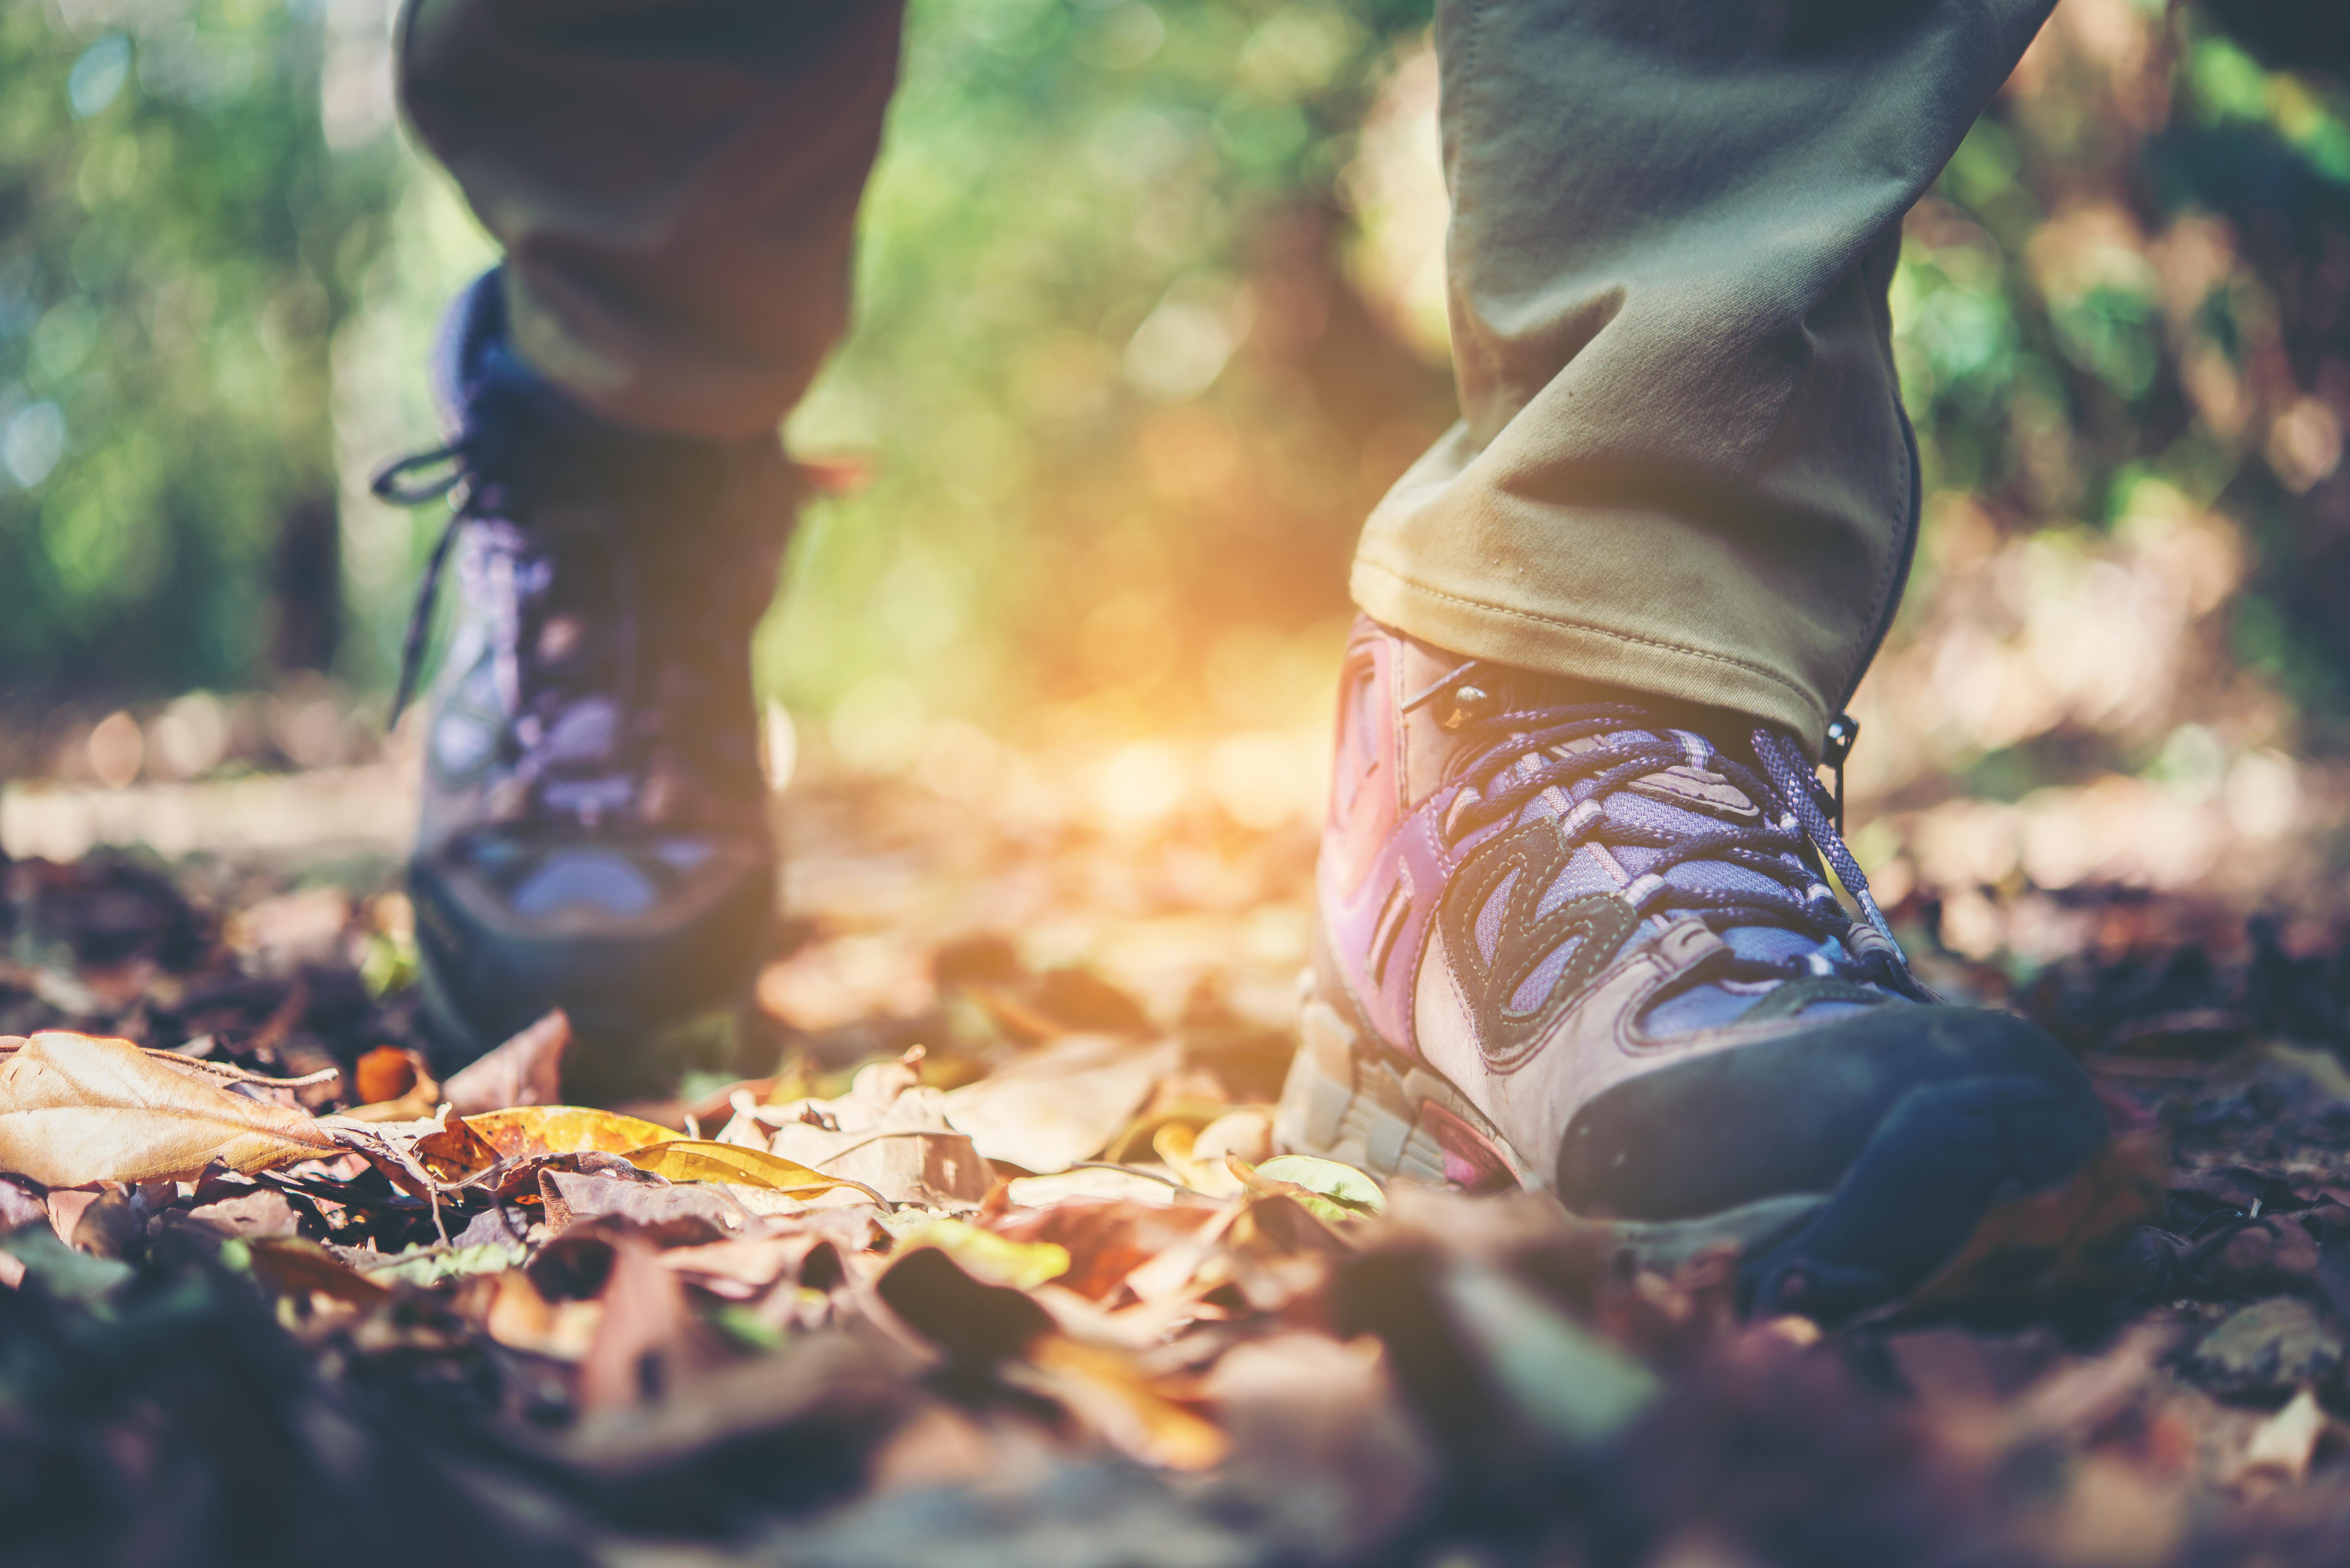 Scarpe da trekking. Come riconoscere quelle giuste